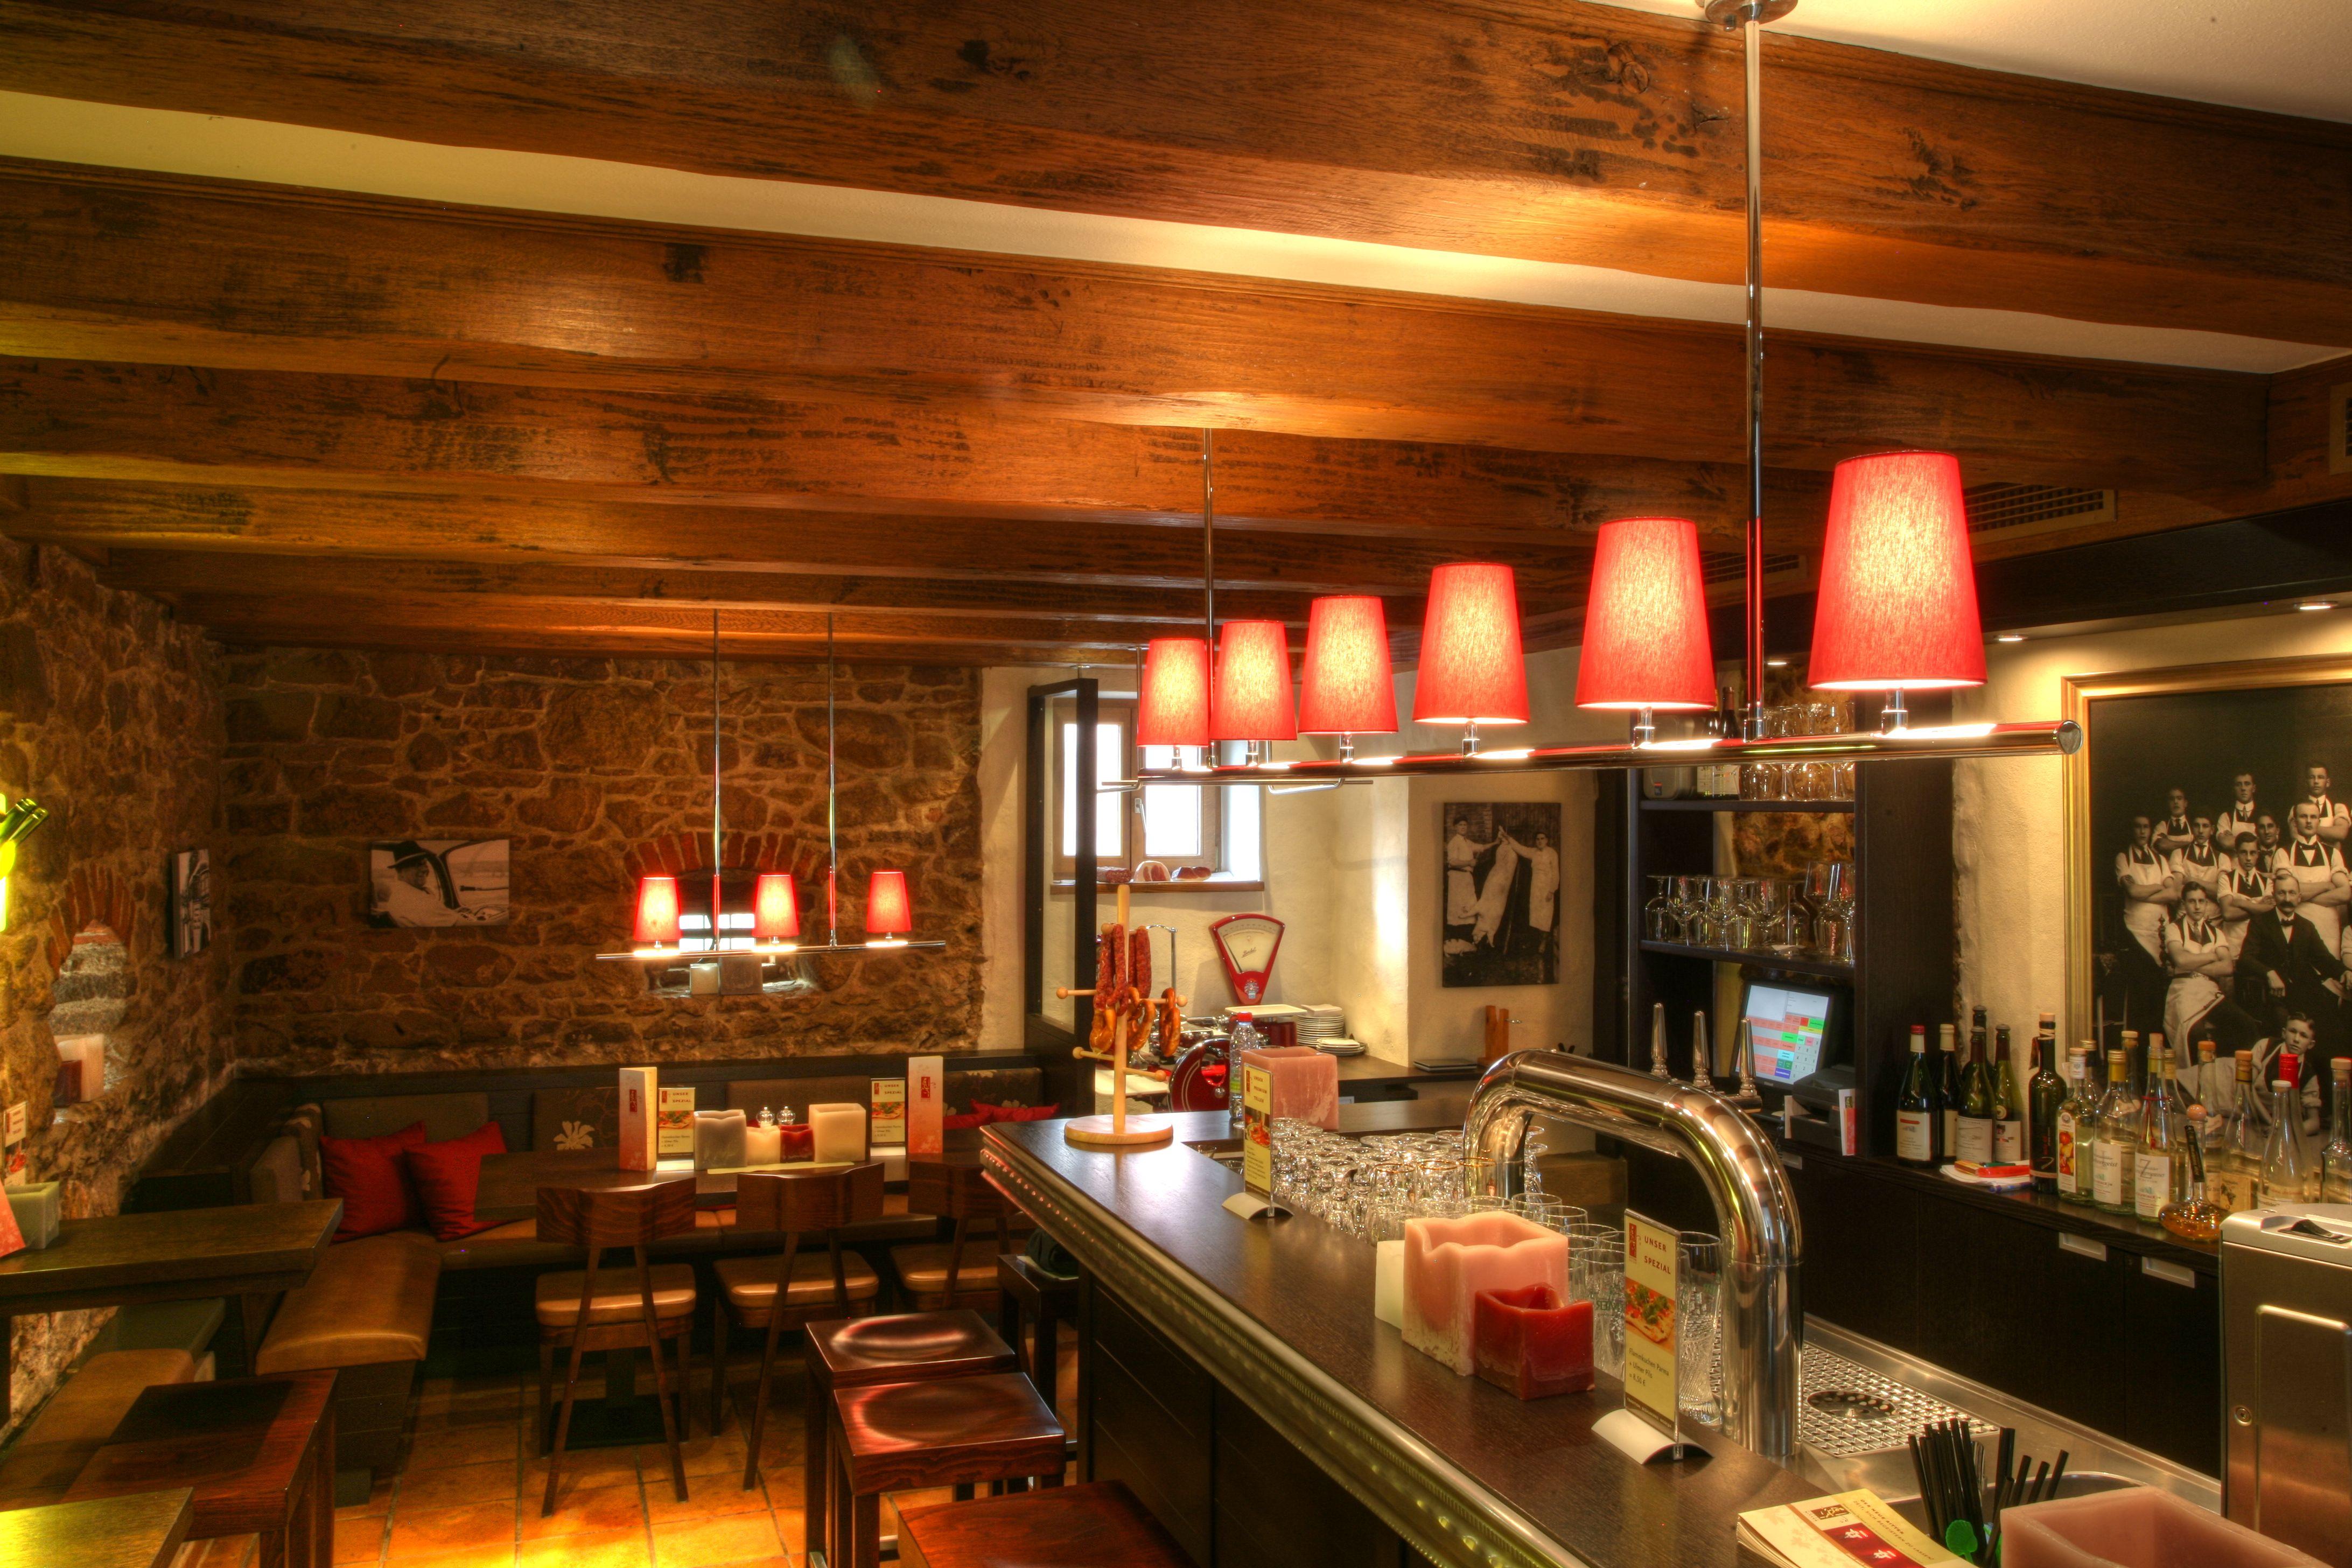 Leuchten Hotel Ritter - Durbach